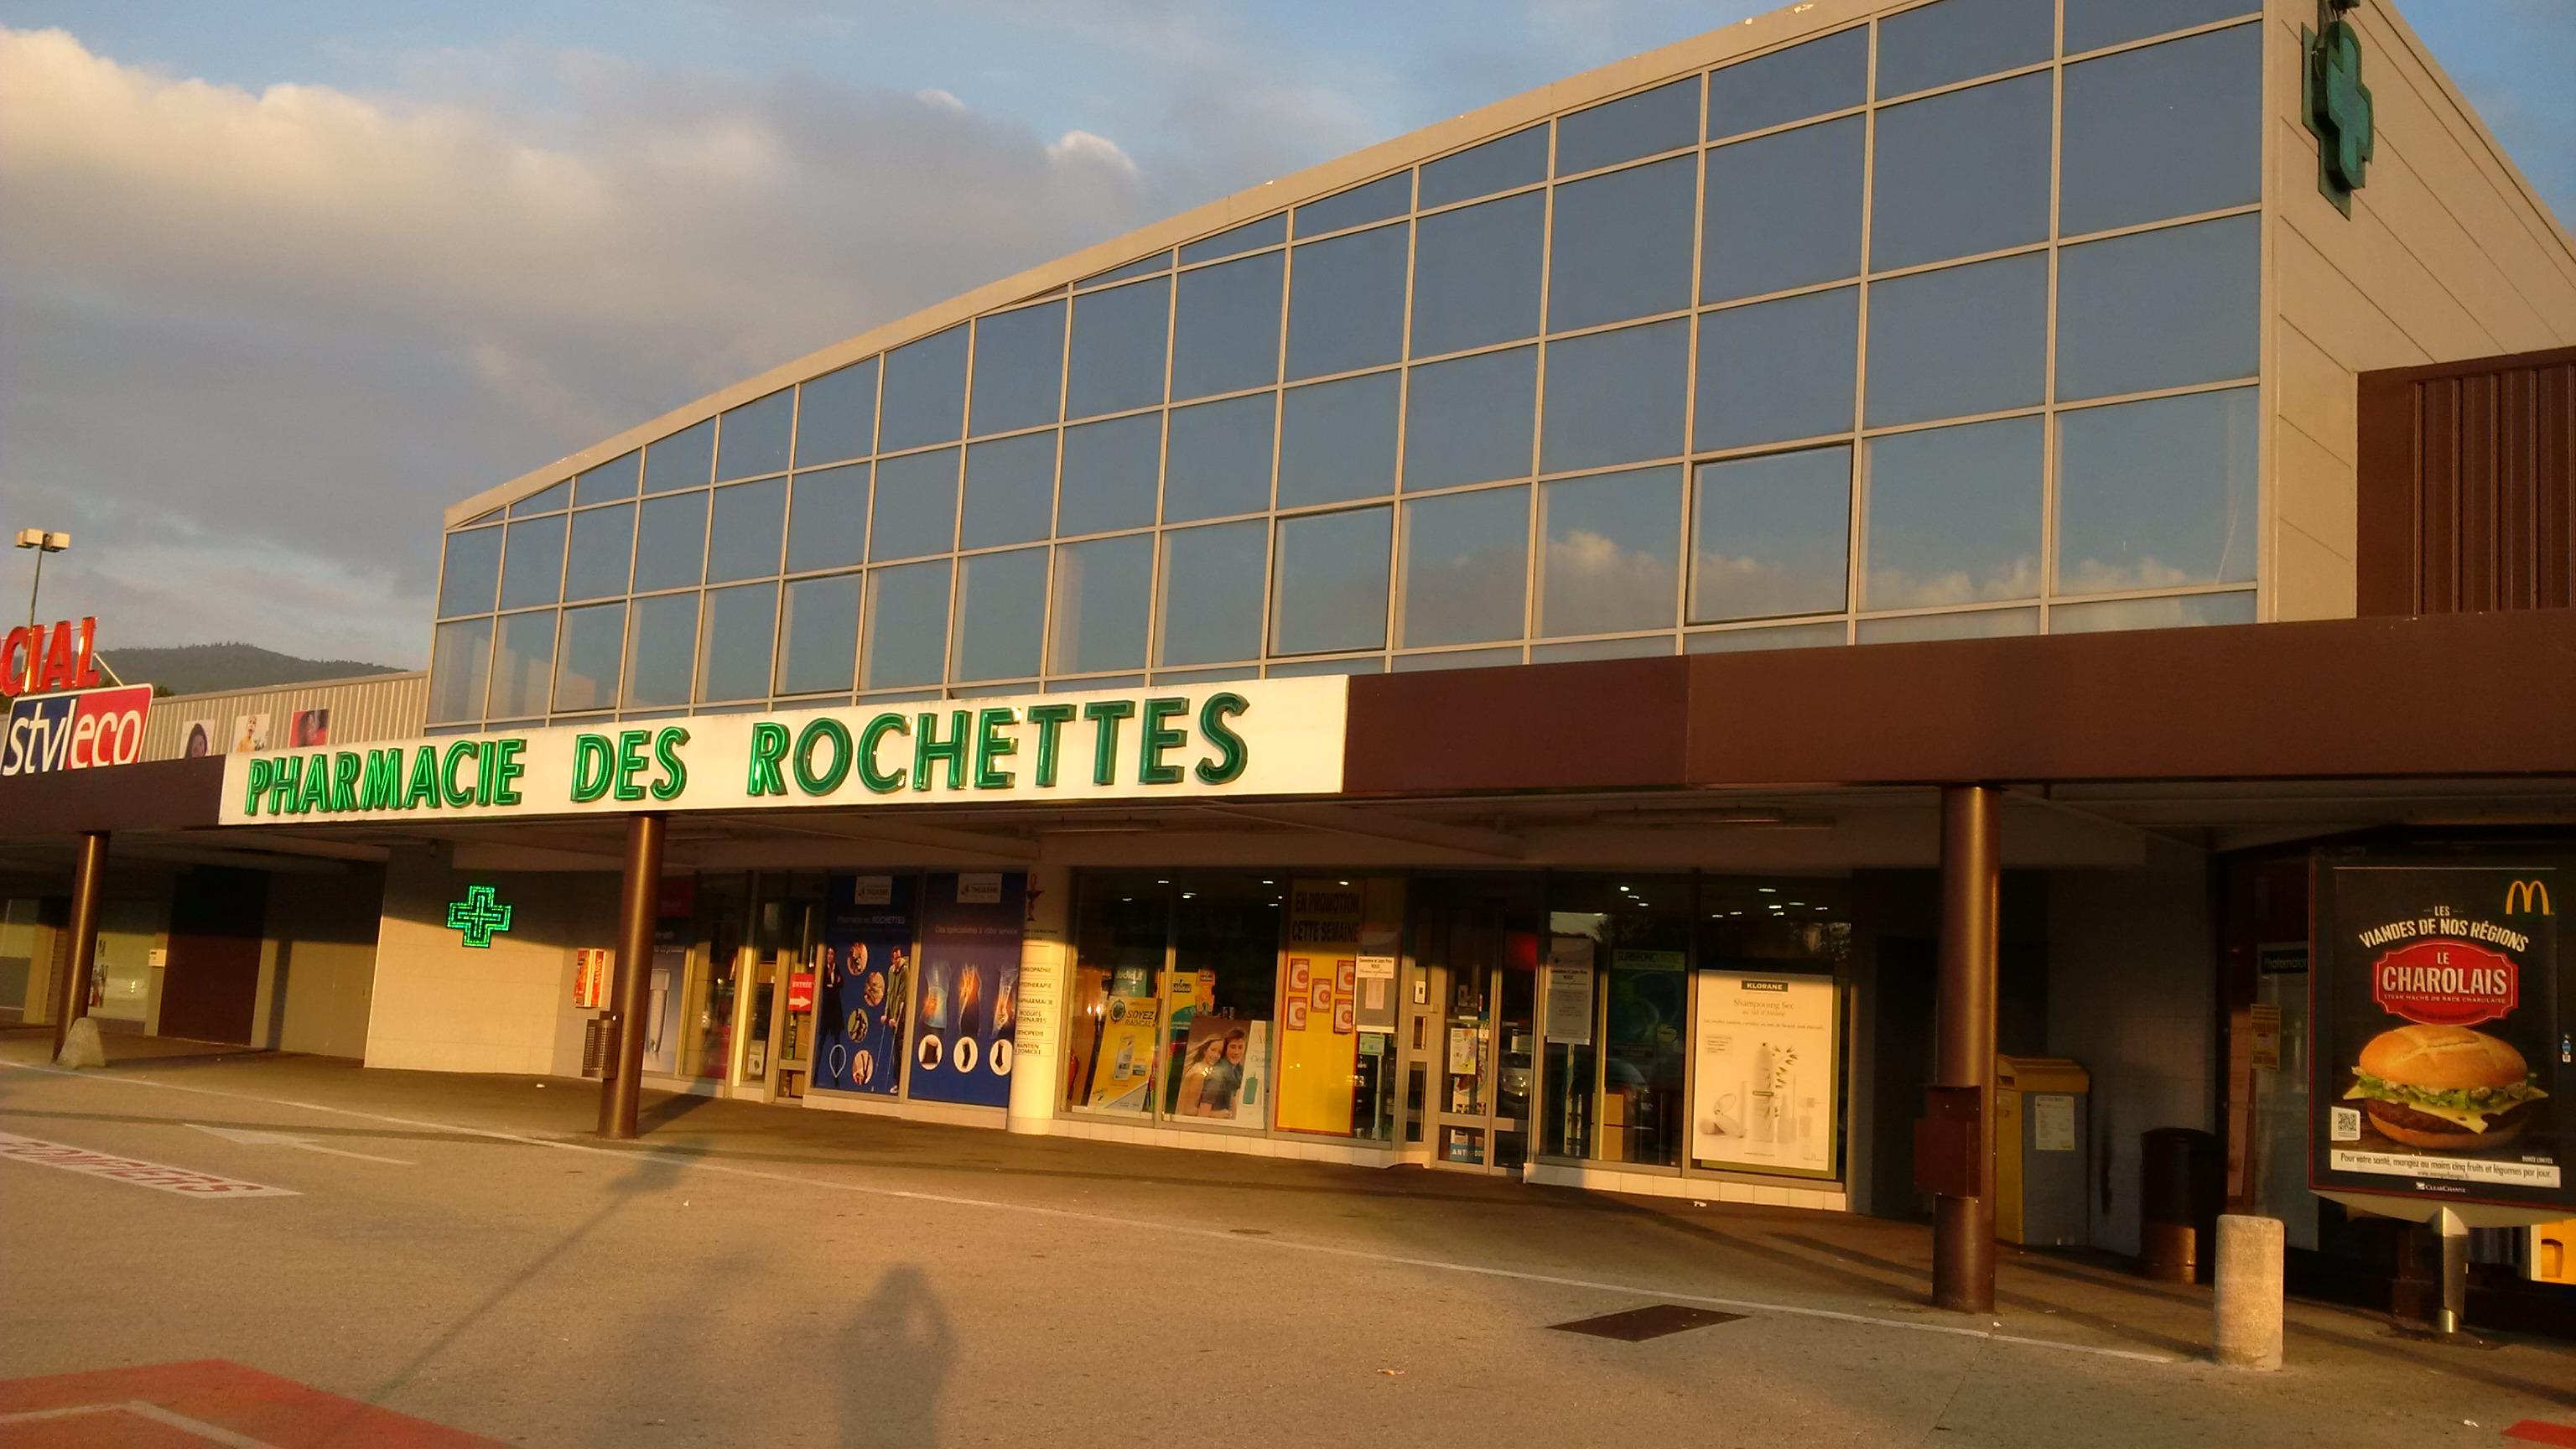 Pharmacie des Rochettes